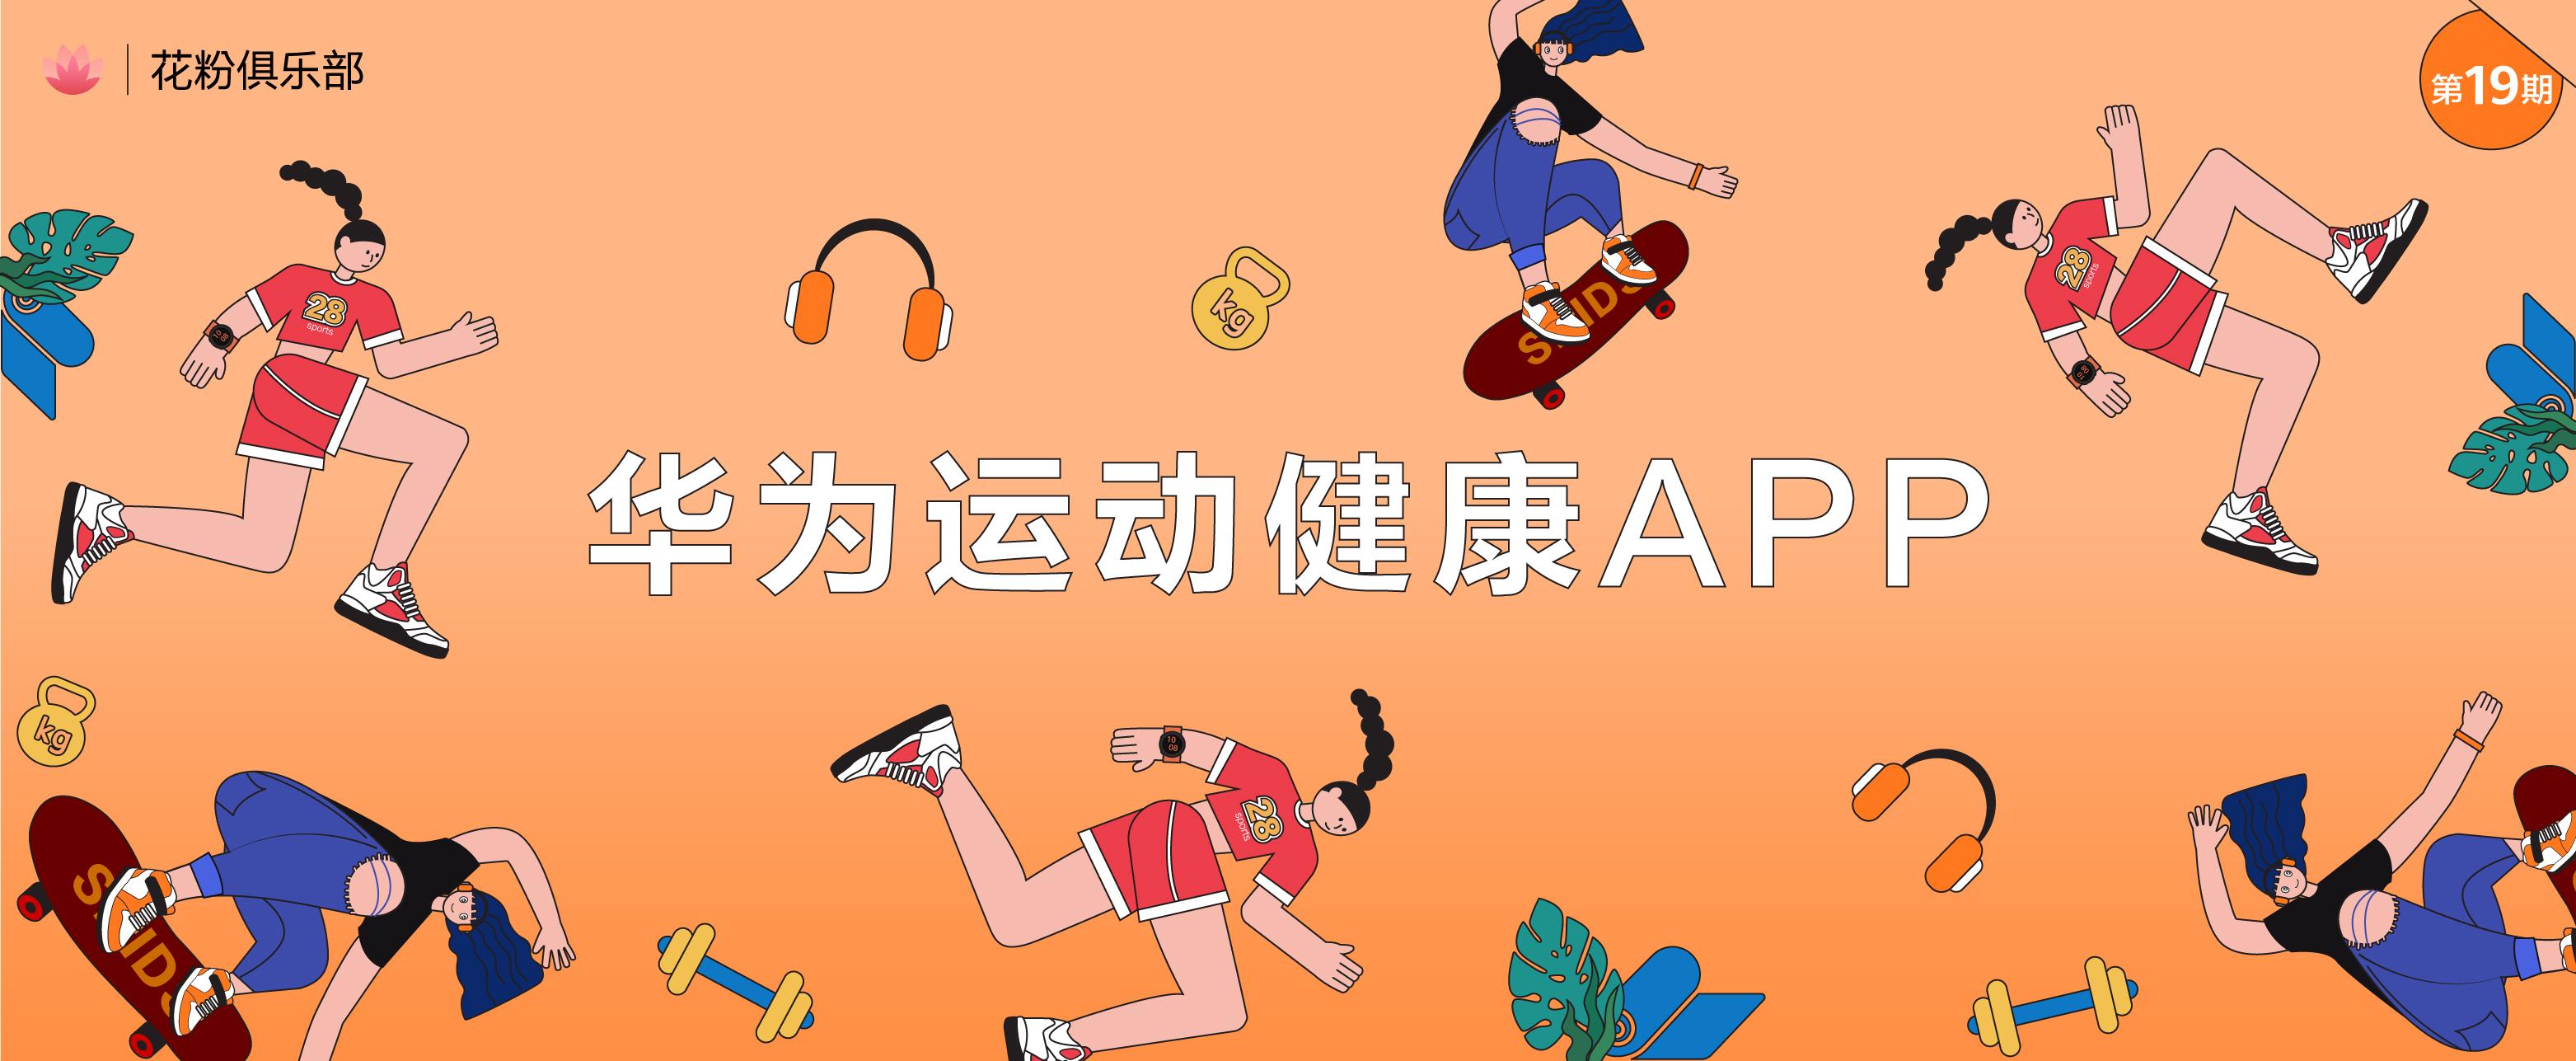 华为运动健康App-第13-20期-0305-07.jpg